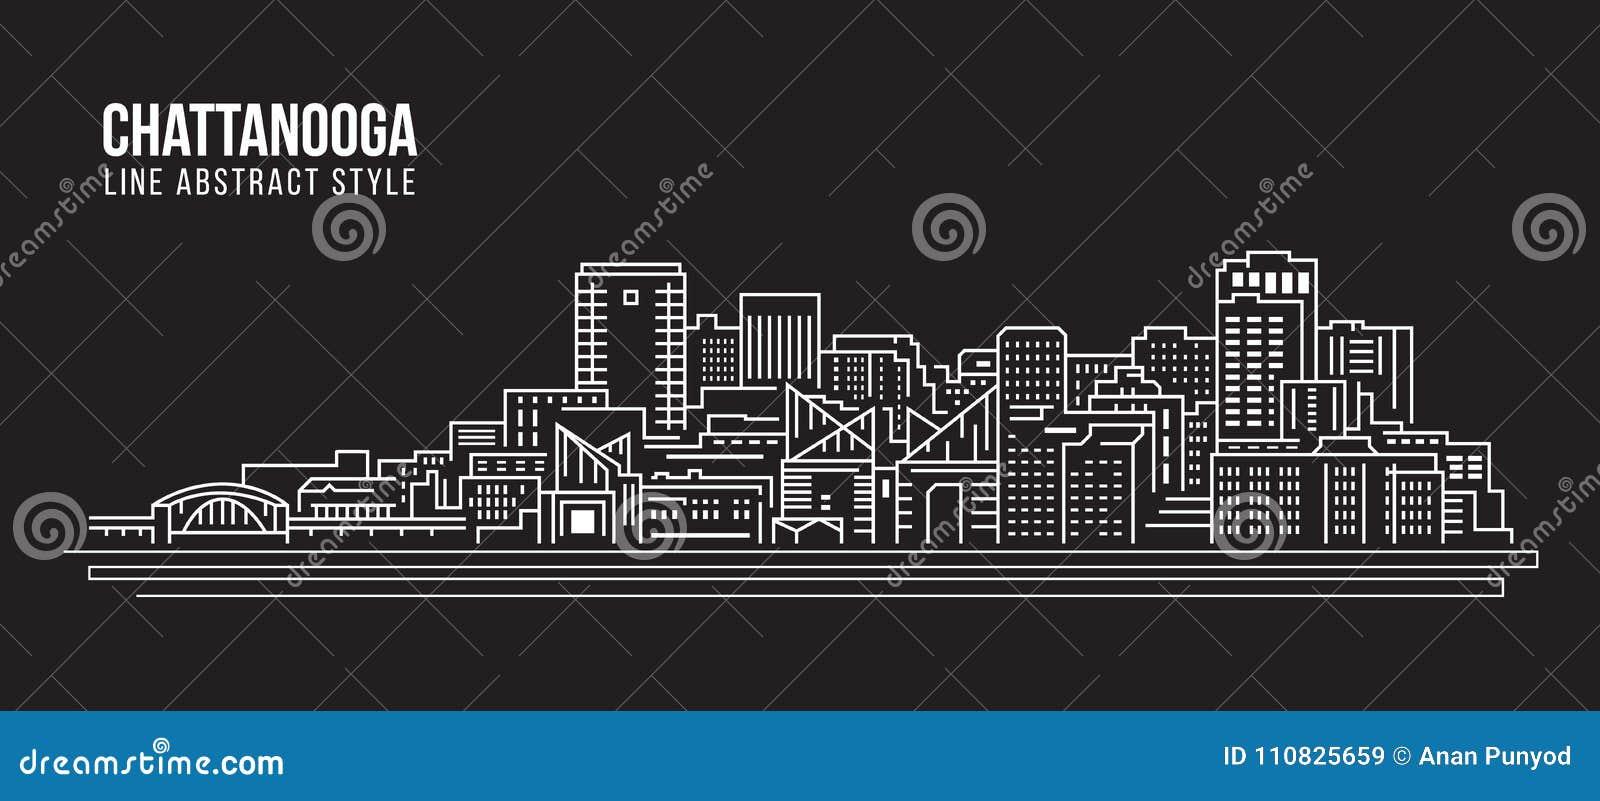 Cityscapebyggnadslinje design för konstvektorillustration - Chattanooga stad